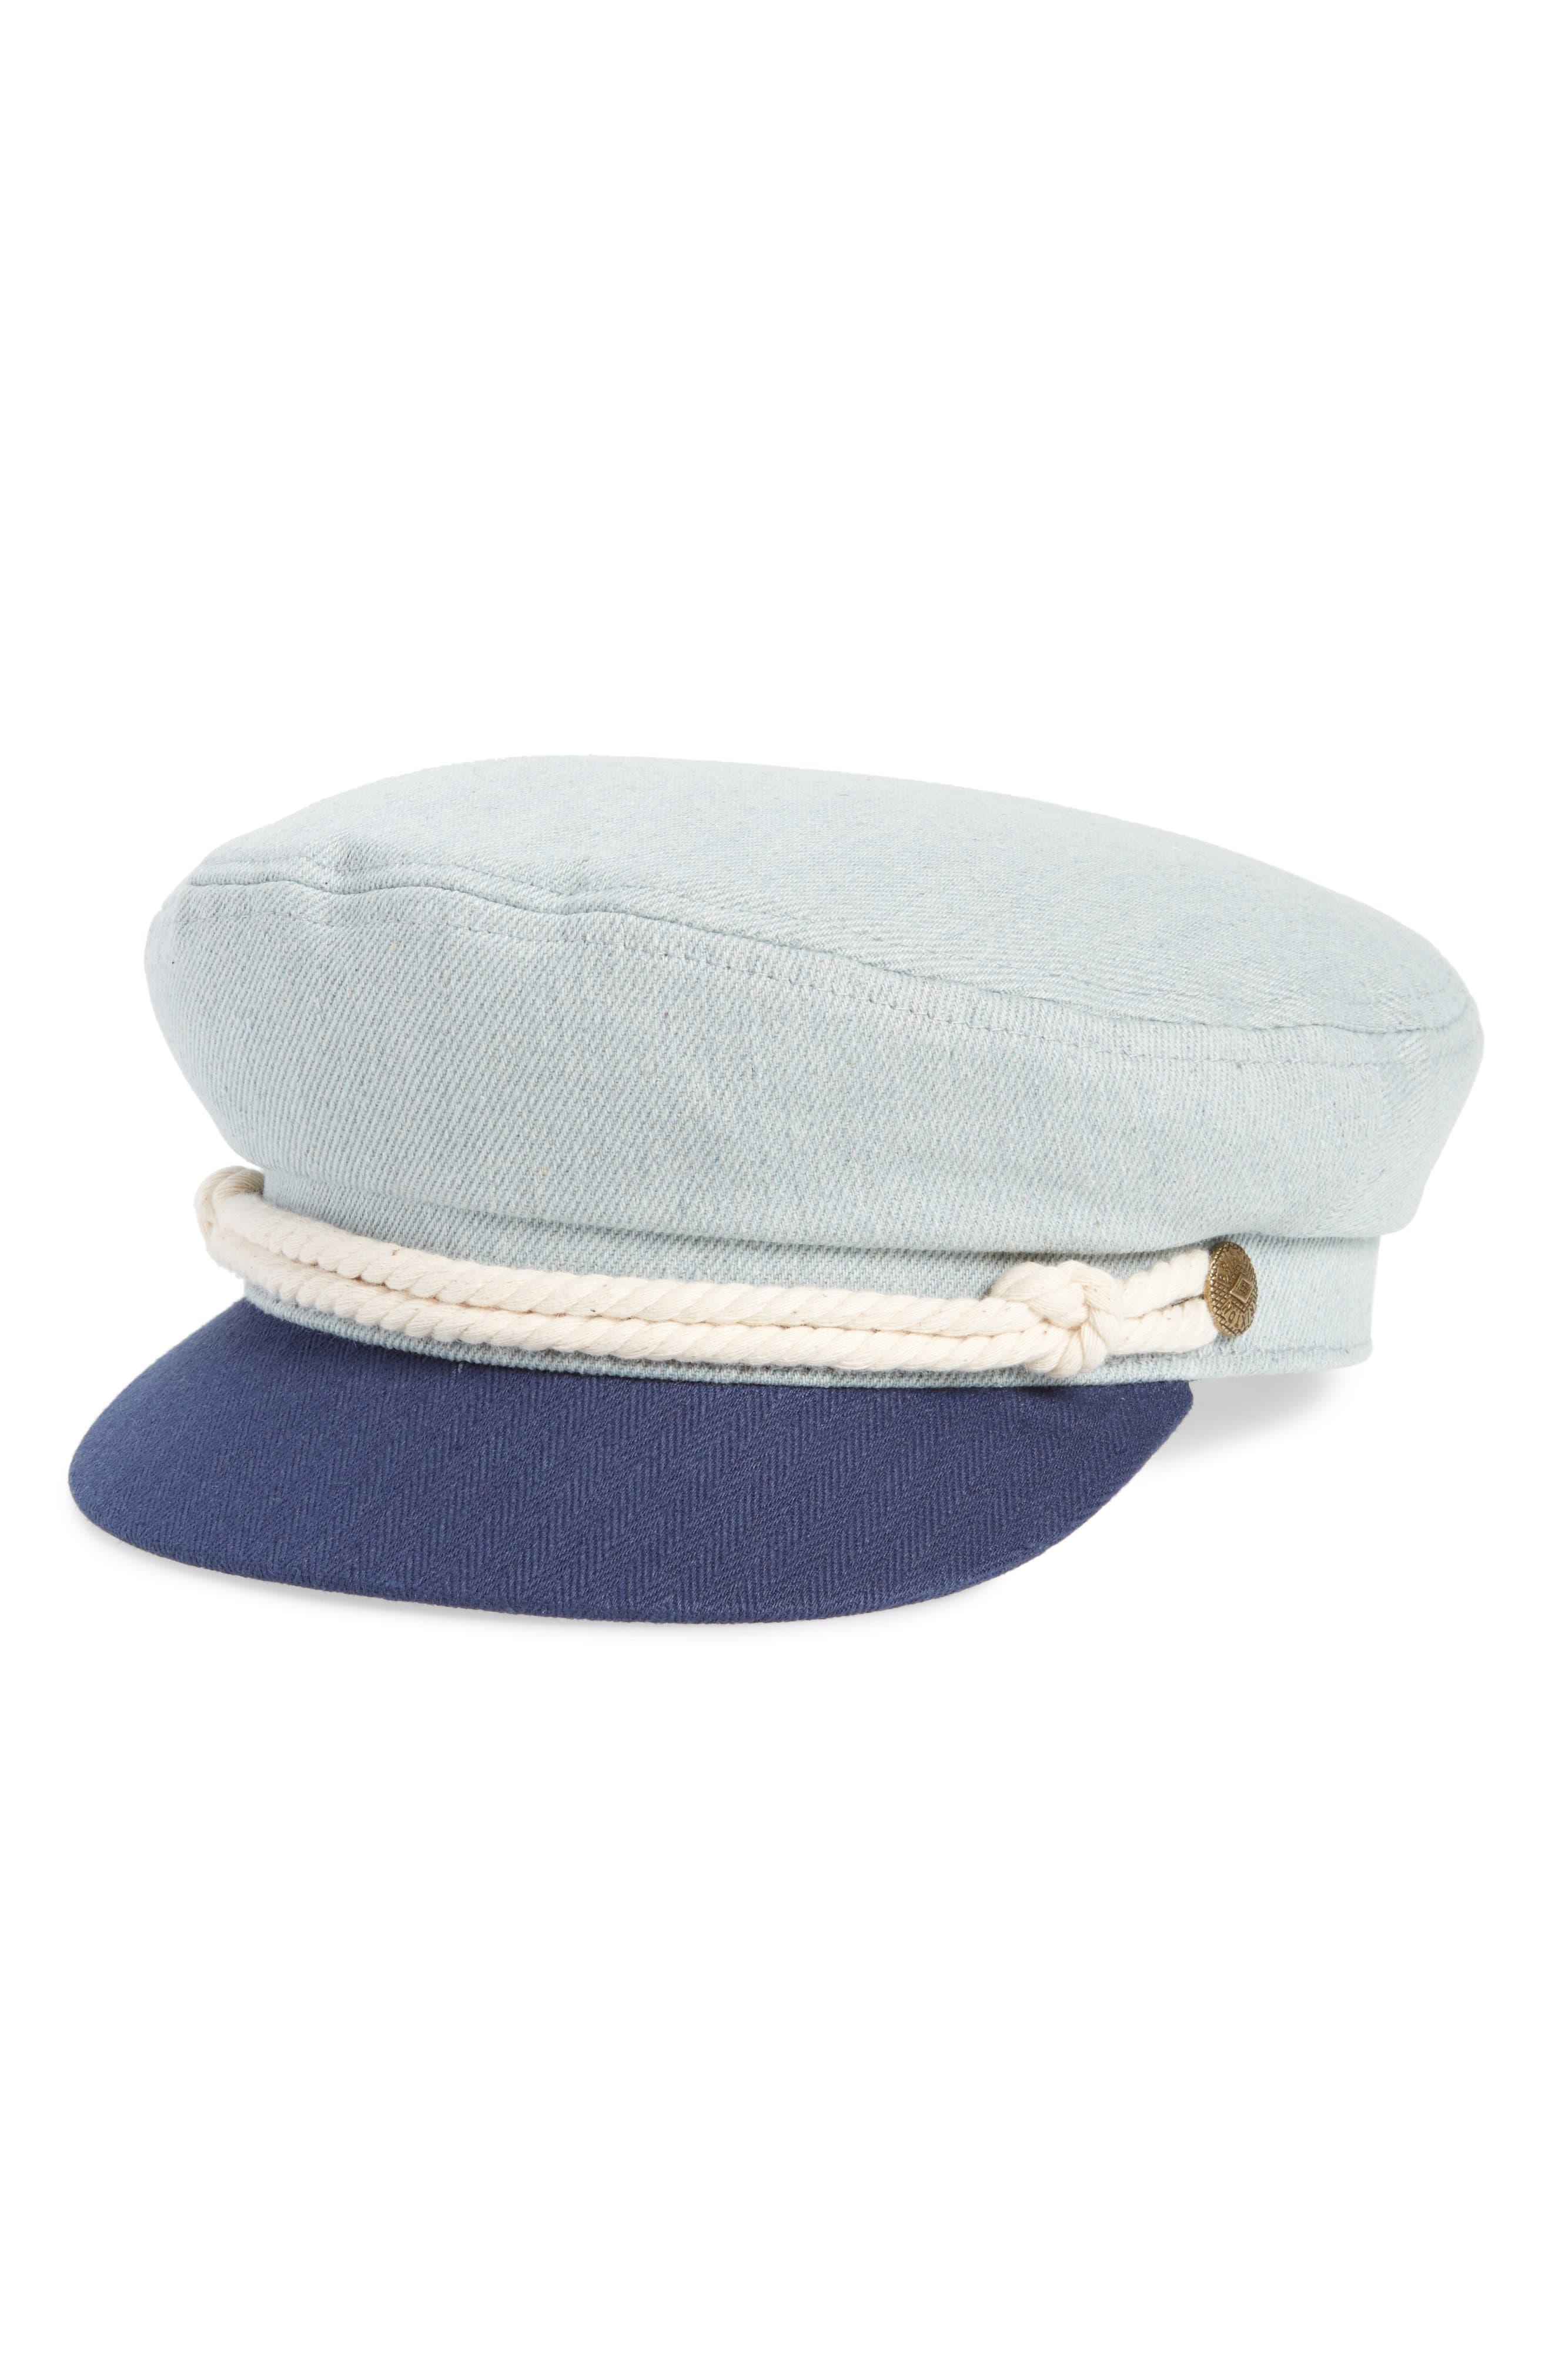 BRIXTON Fiddler Cap, Main, color, 400